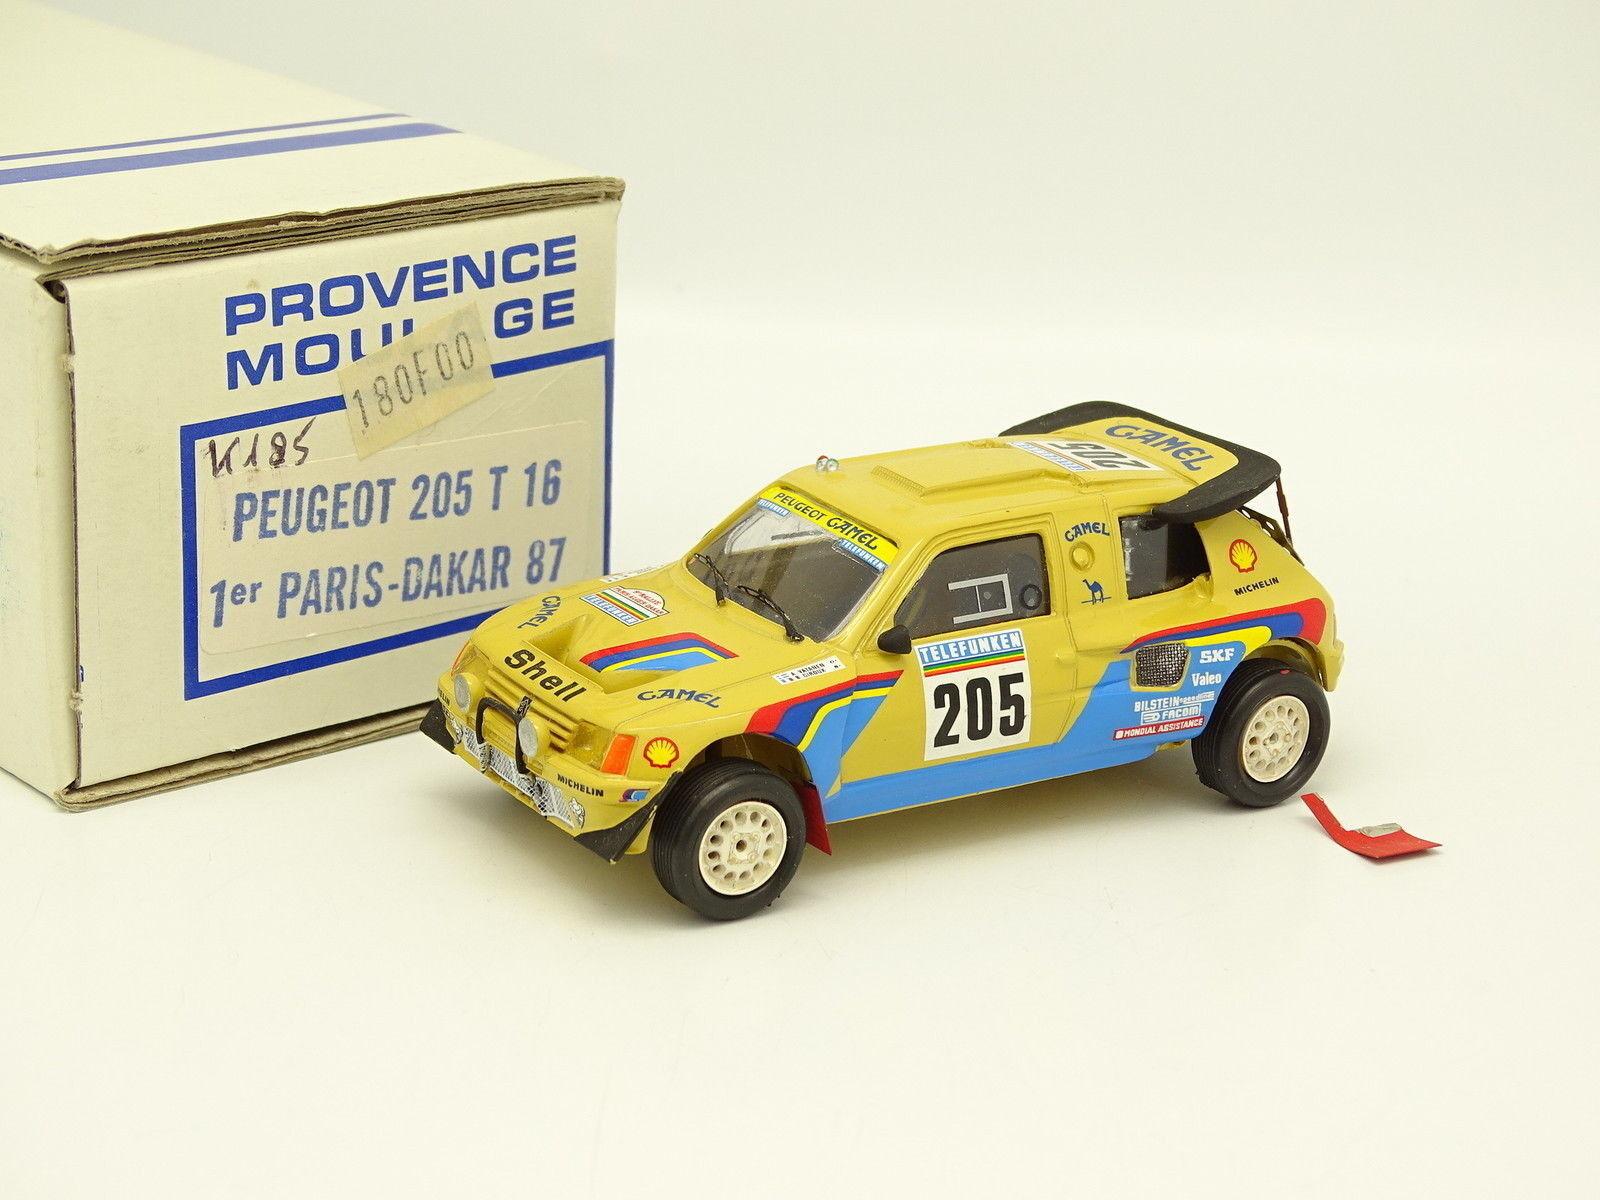 Provence Moulage Kit Montado 1 43 Peugeot 205 T16 París Dakar 87 Winner Vatanen